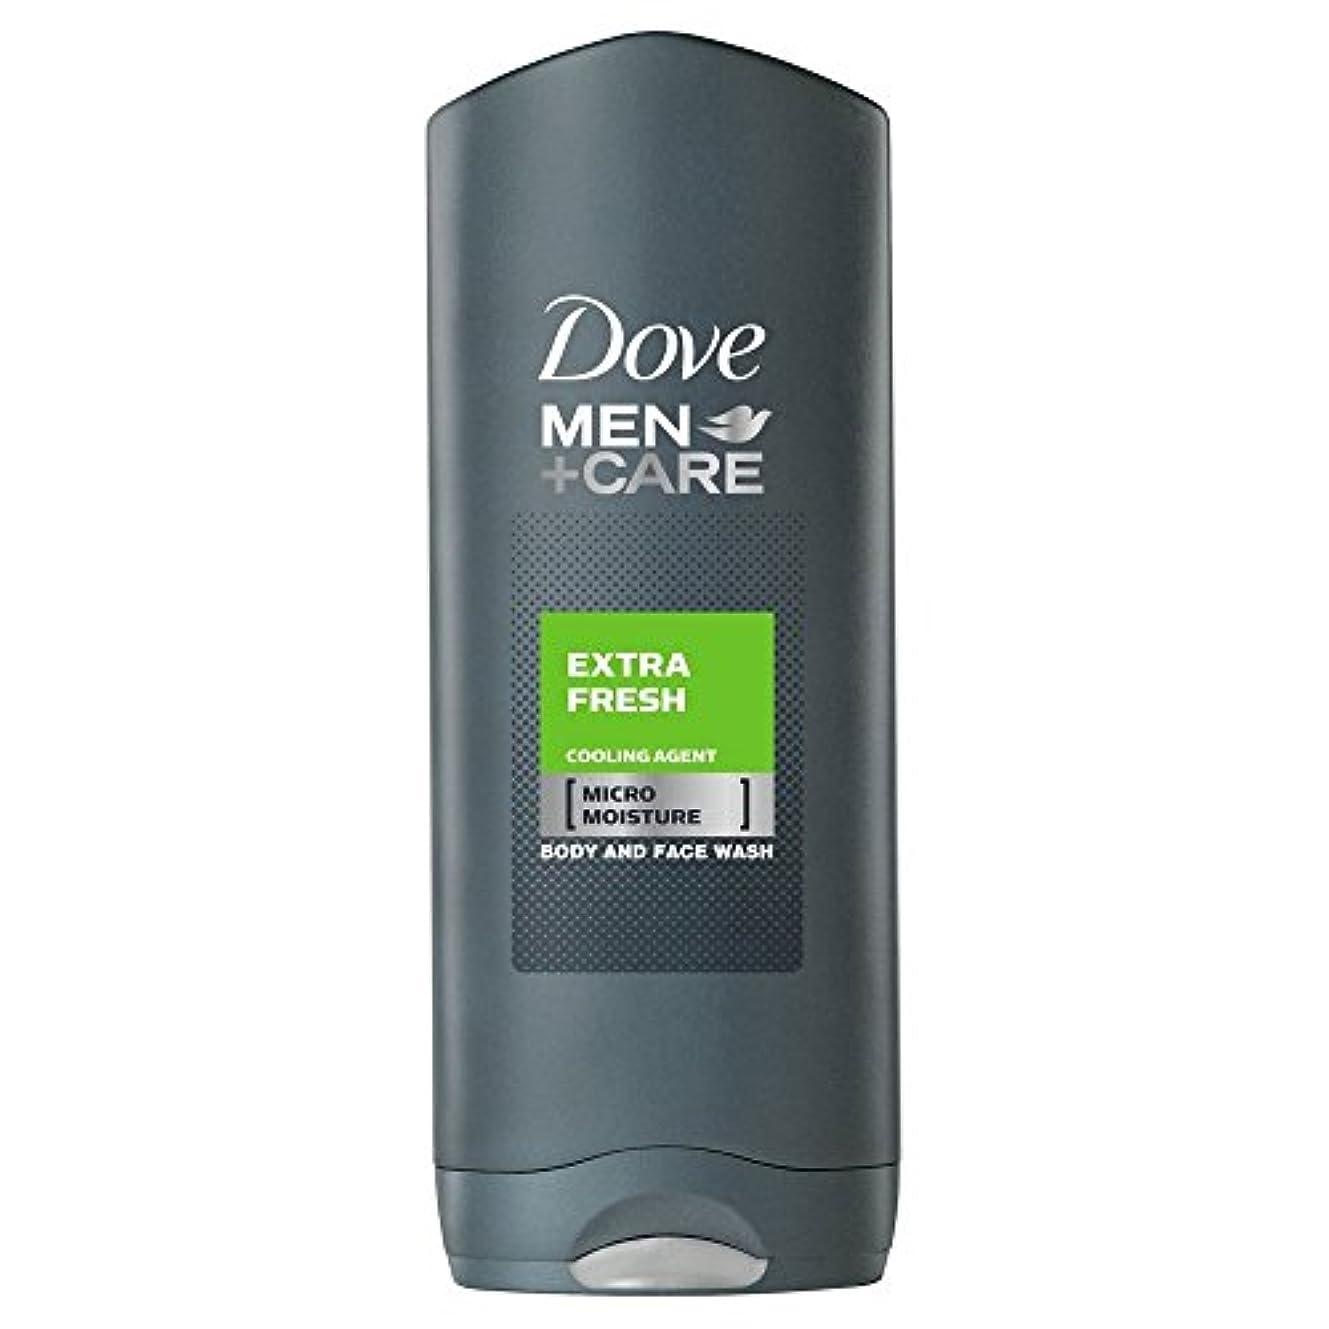 似ている反発する神秘的なDove Men + Care Body & Face Wash - Extra Fresh (250ml) 鳩の男性は+ボディと洗顔ケア - 余分な新鮮な( 250ミリリットル)を [並行輸入品]